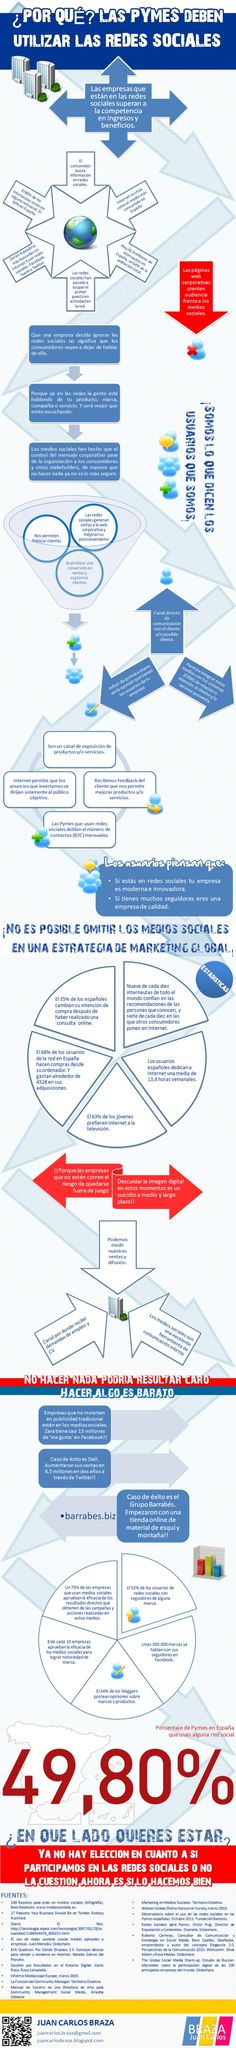 Por qué las pymes deben usar las redes sociales #infografia #RedesSociales